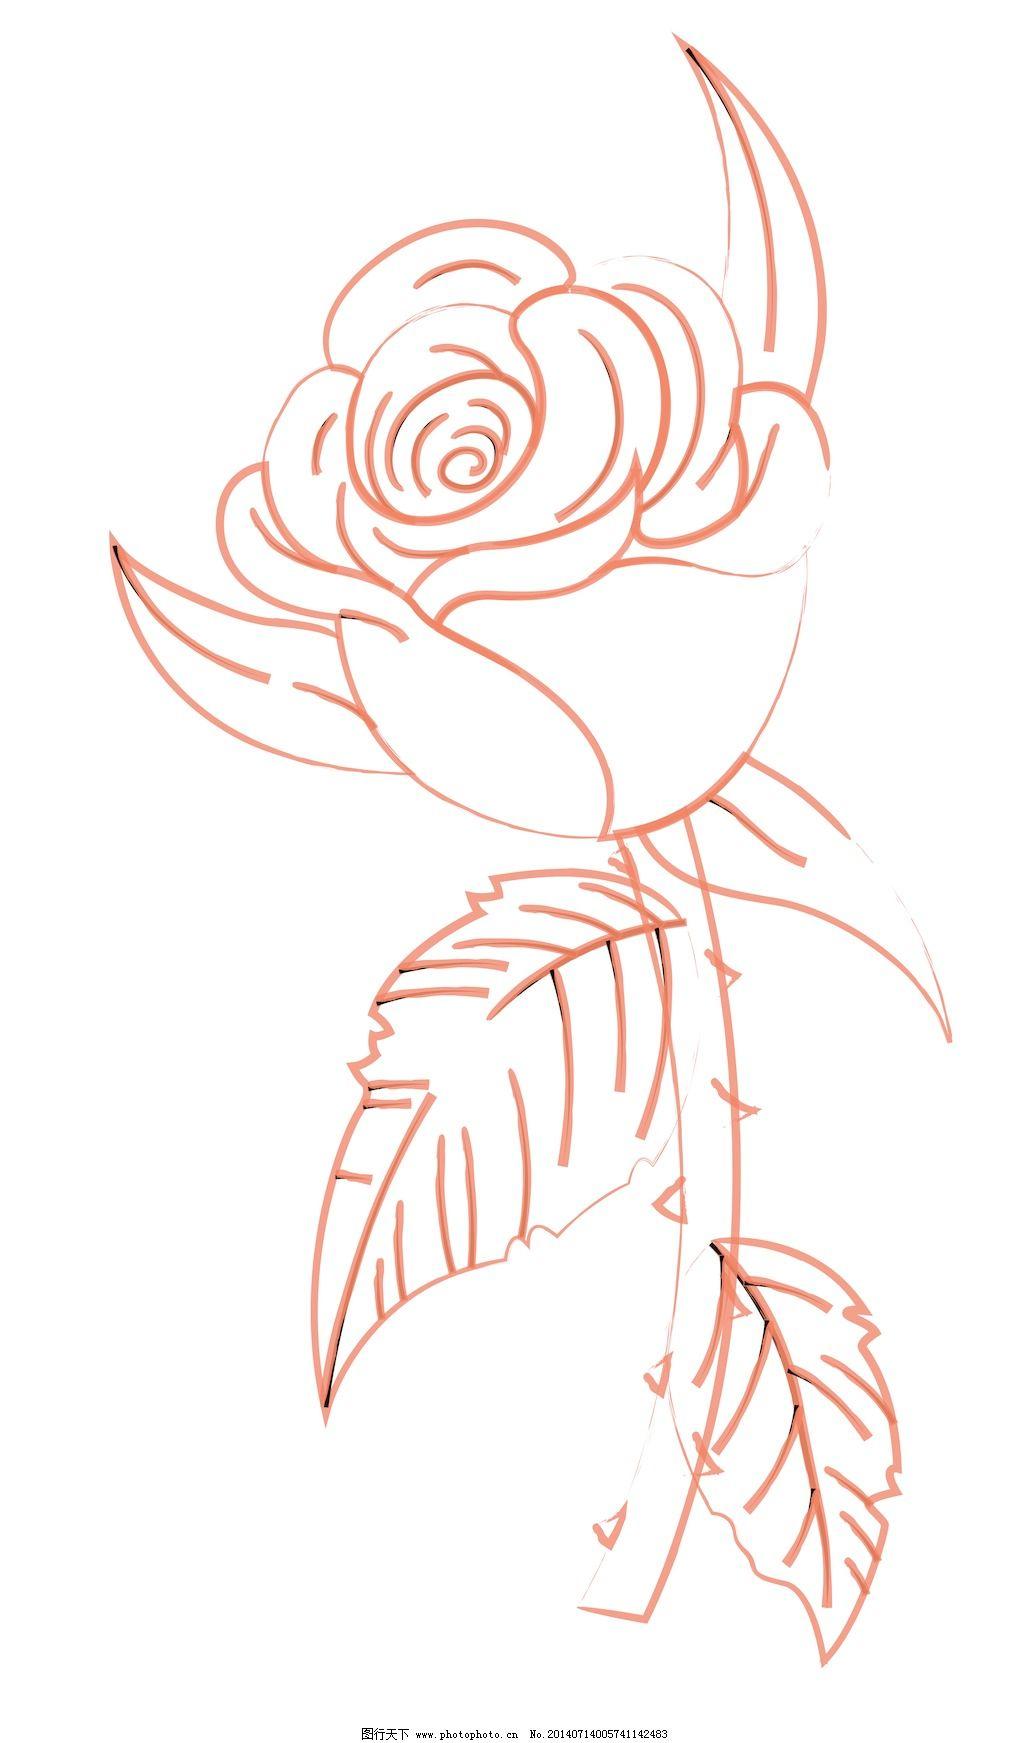 简笔画 设计 矢量 矢量图 手绘 素材 线稿 1024_1743 竖版 竖屏图片